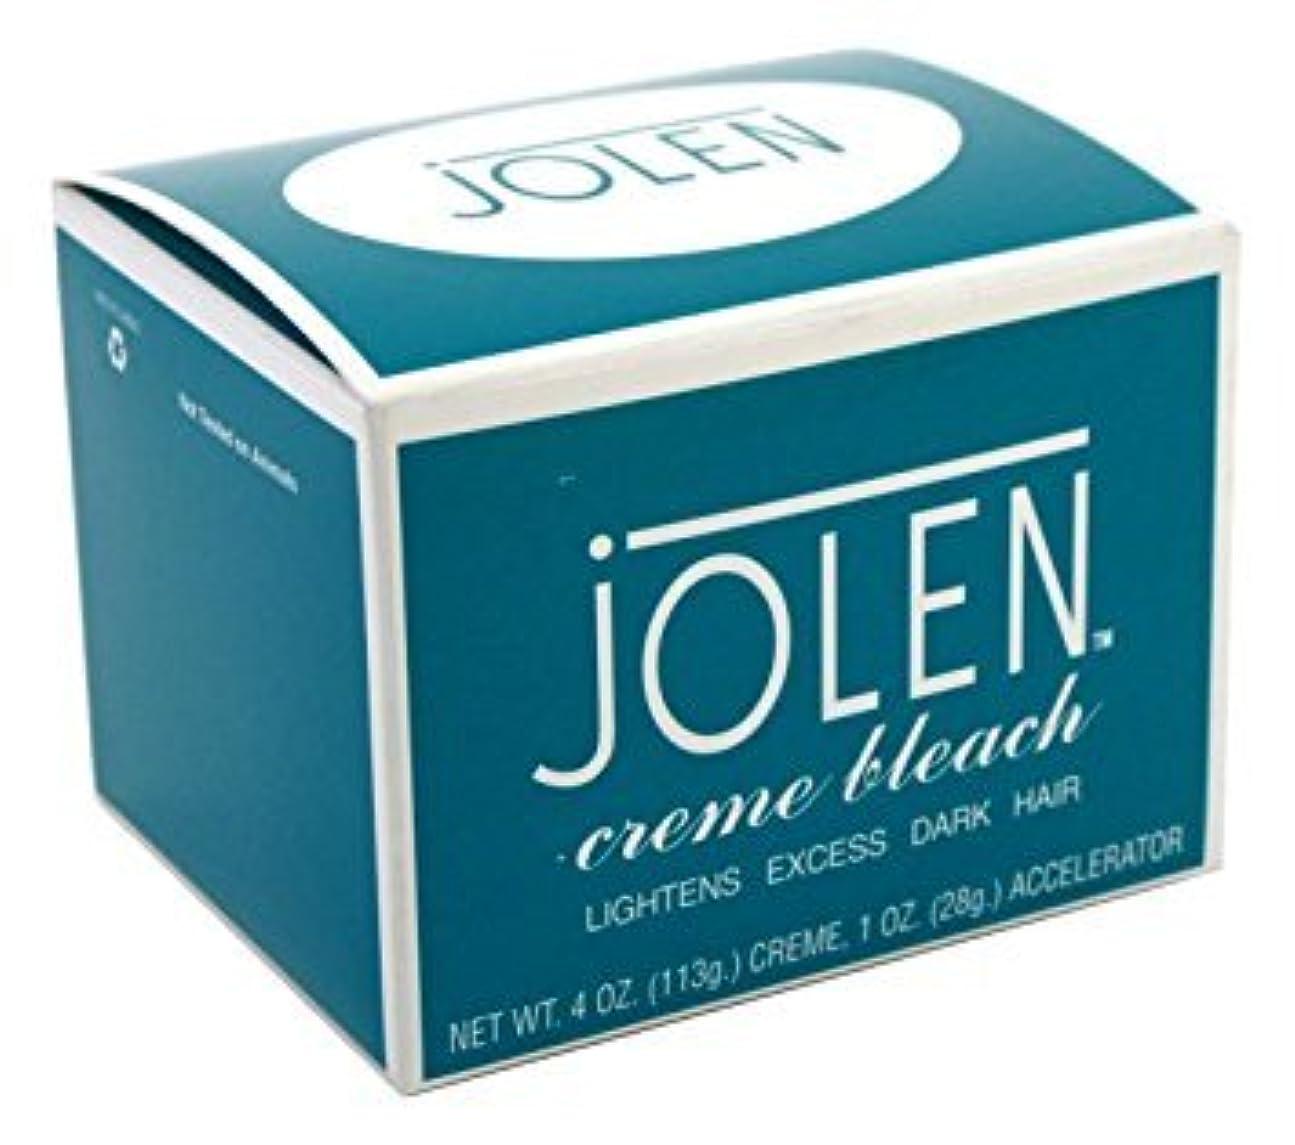 疑いエレクトロニック伝導率箱つぶれ Jolen ジョレン 眉用ブリーチクリーム  レギュラー 大きなサイズ 4オンス [並行輸入品]